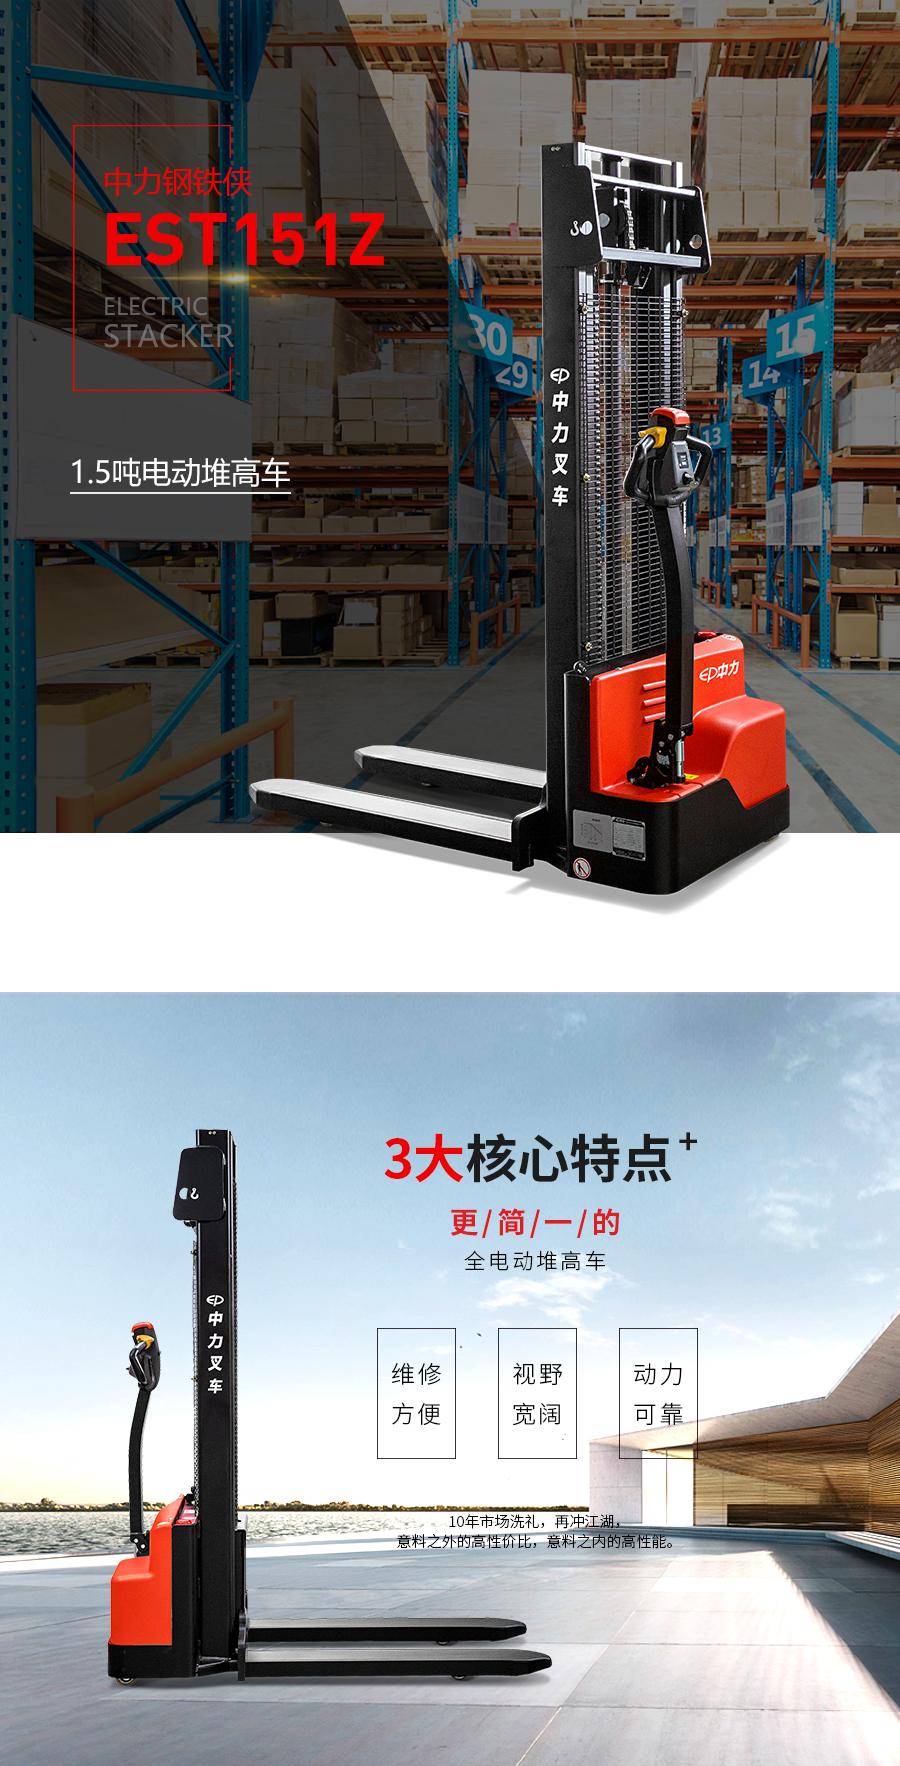 中力 1.5吨电动堆高车 EST151Z